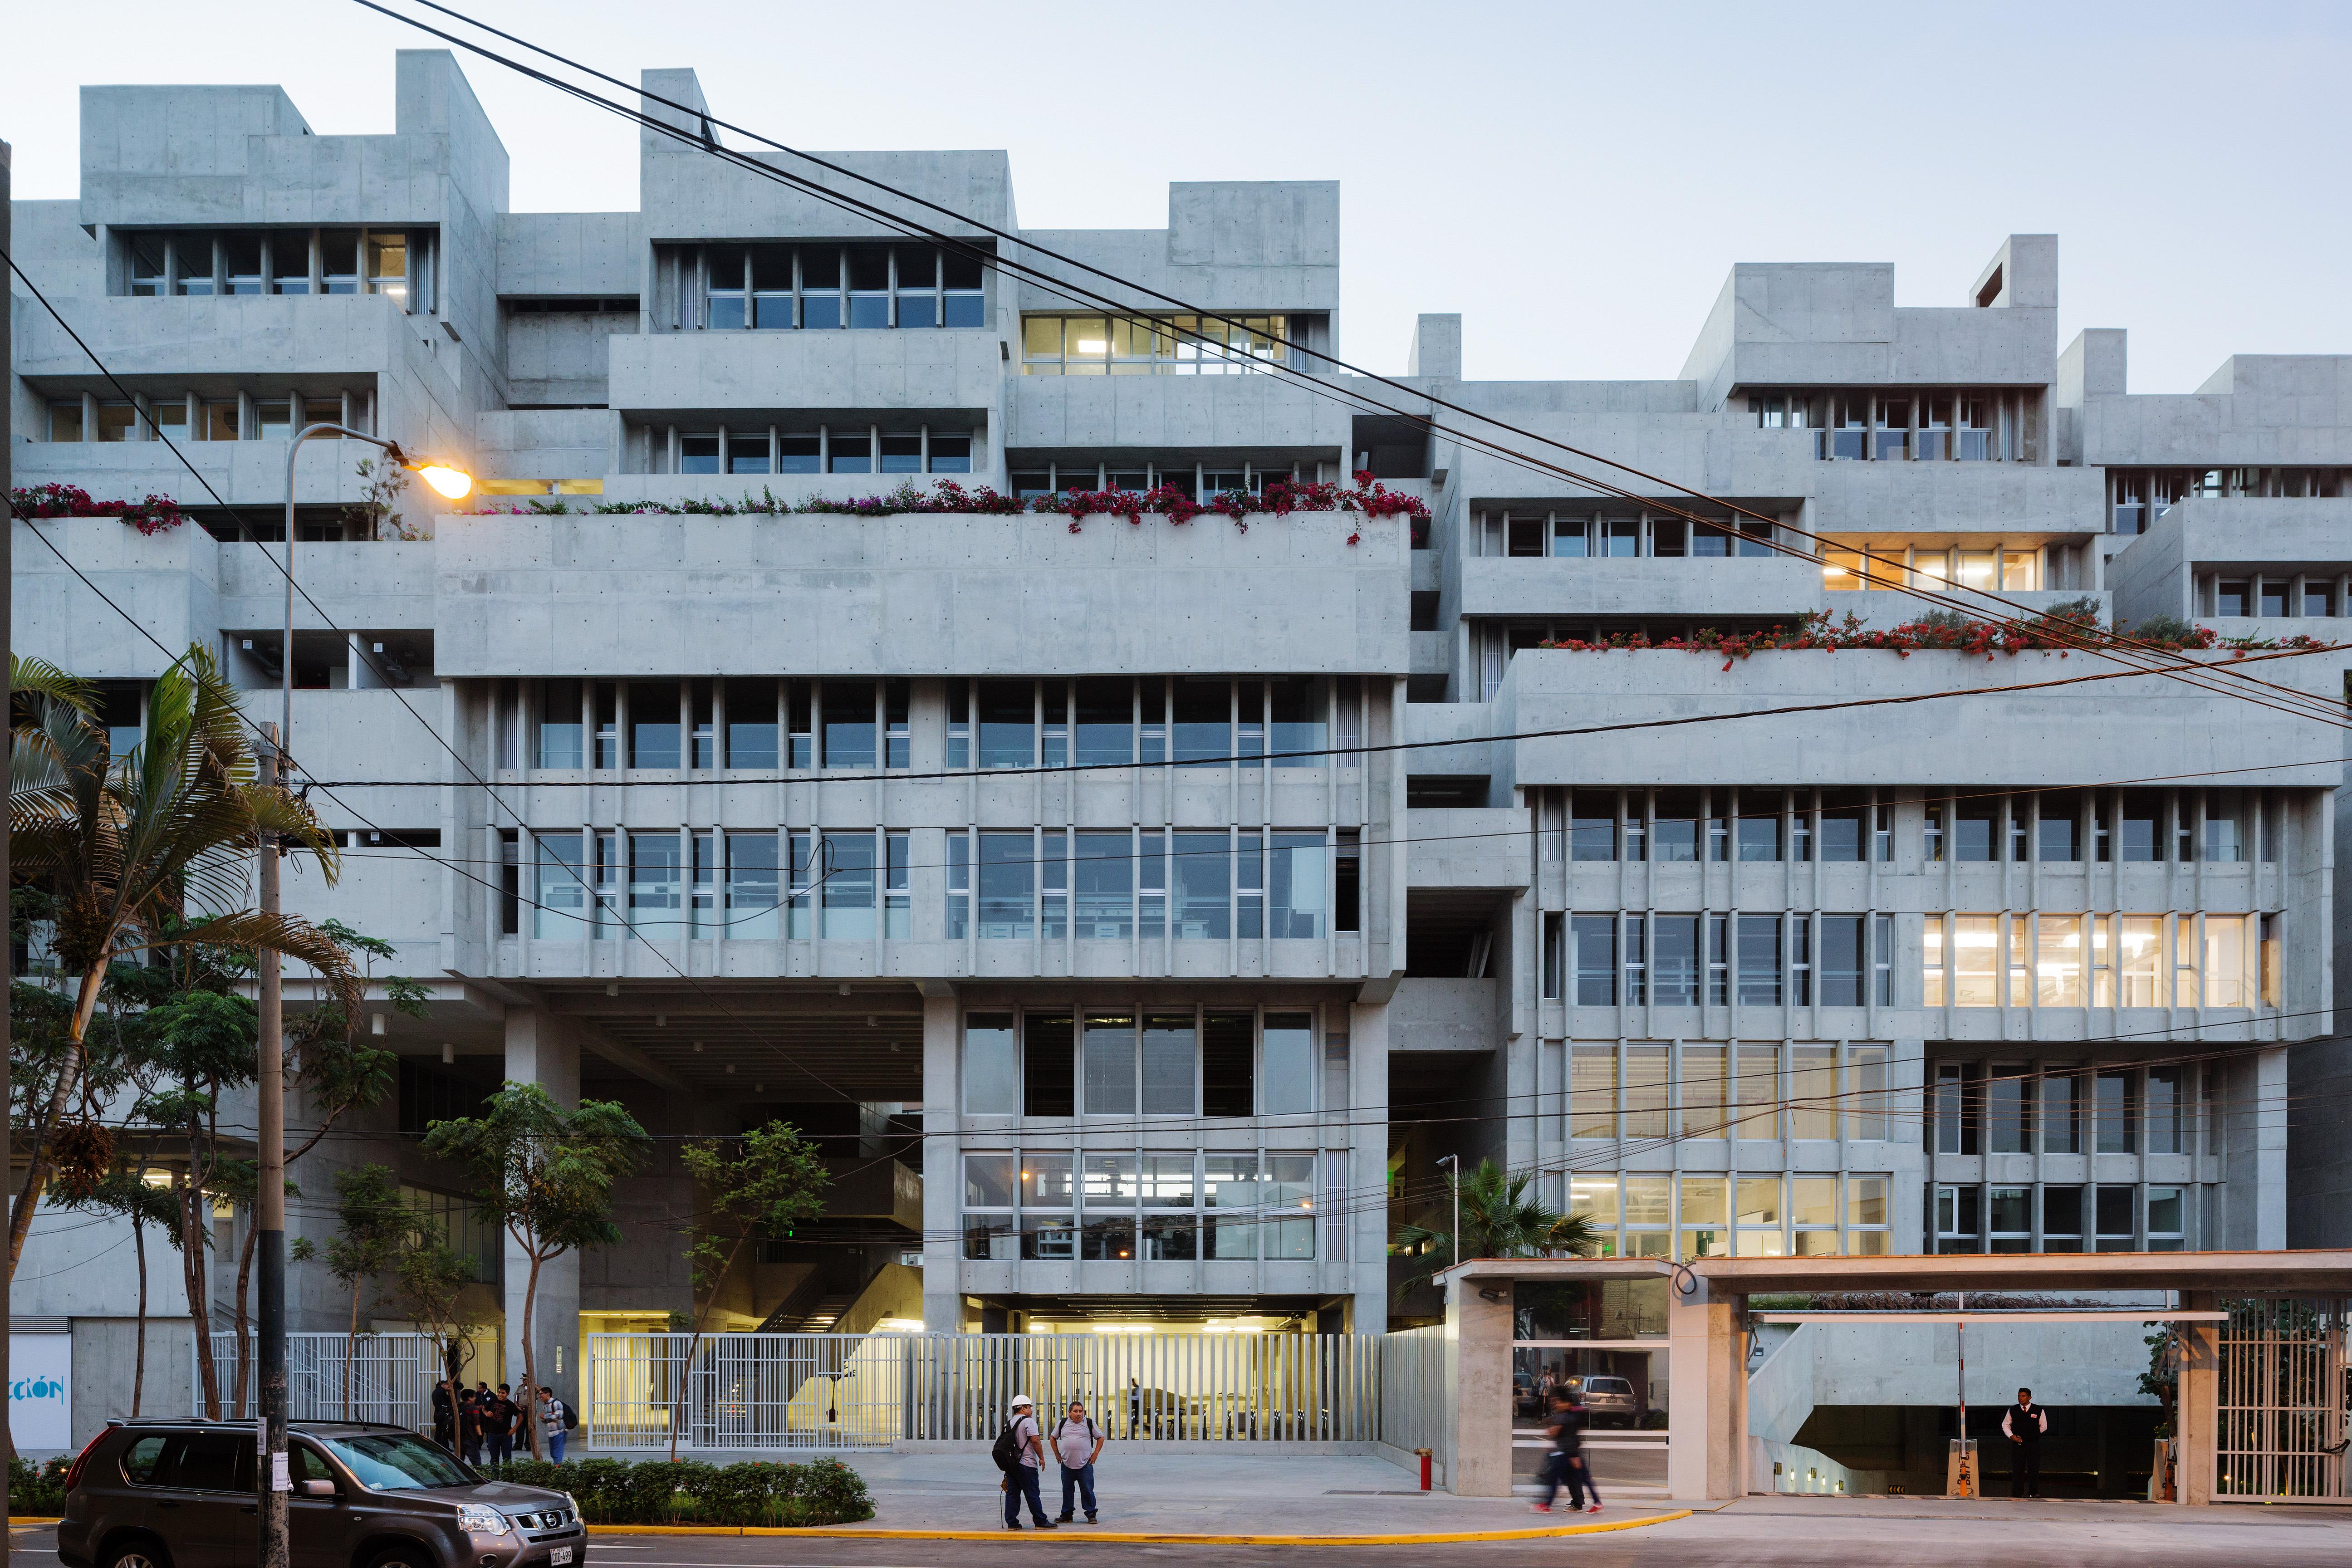 University Campus UTEC Lima / photo courtesy of Iwan Baan